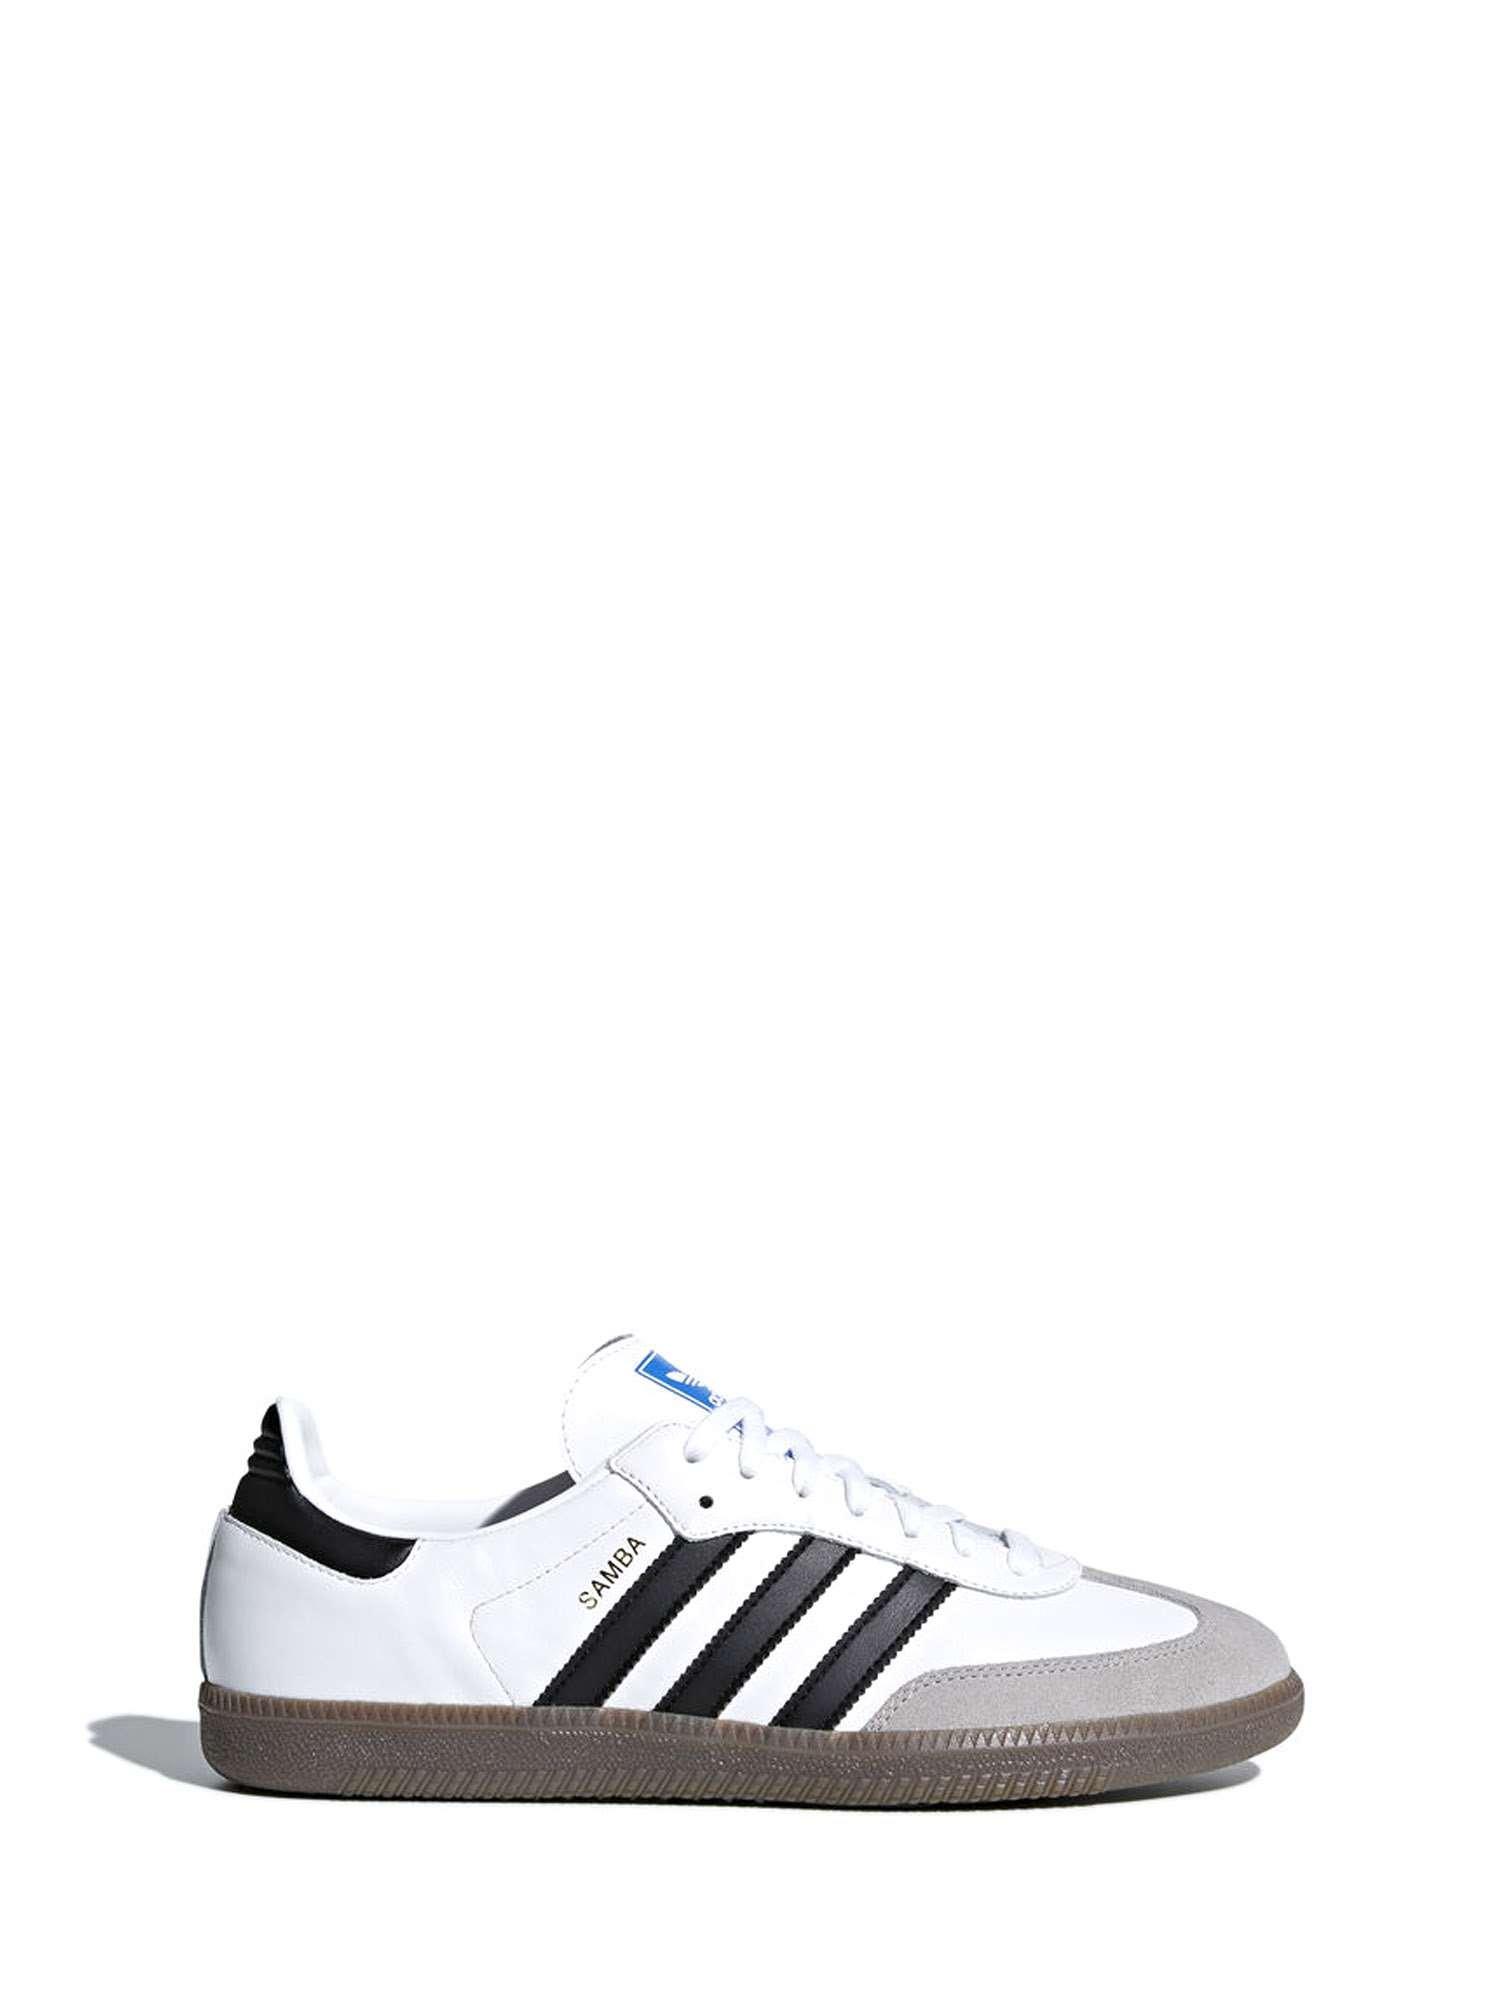 Adidas Samba Og, Scarpe da Fitness Uomo